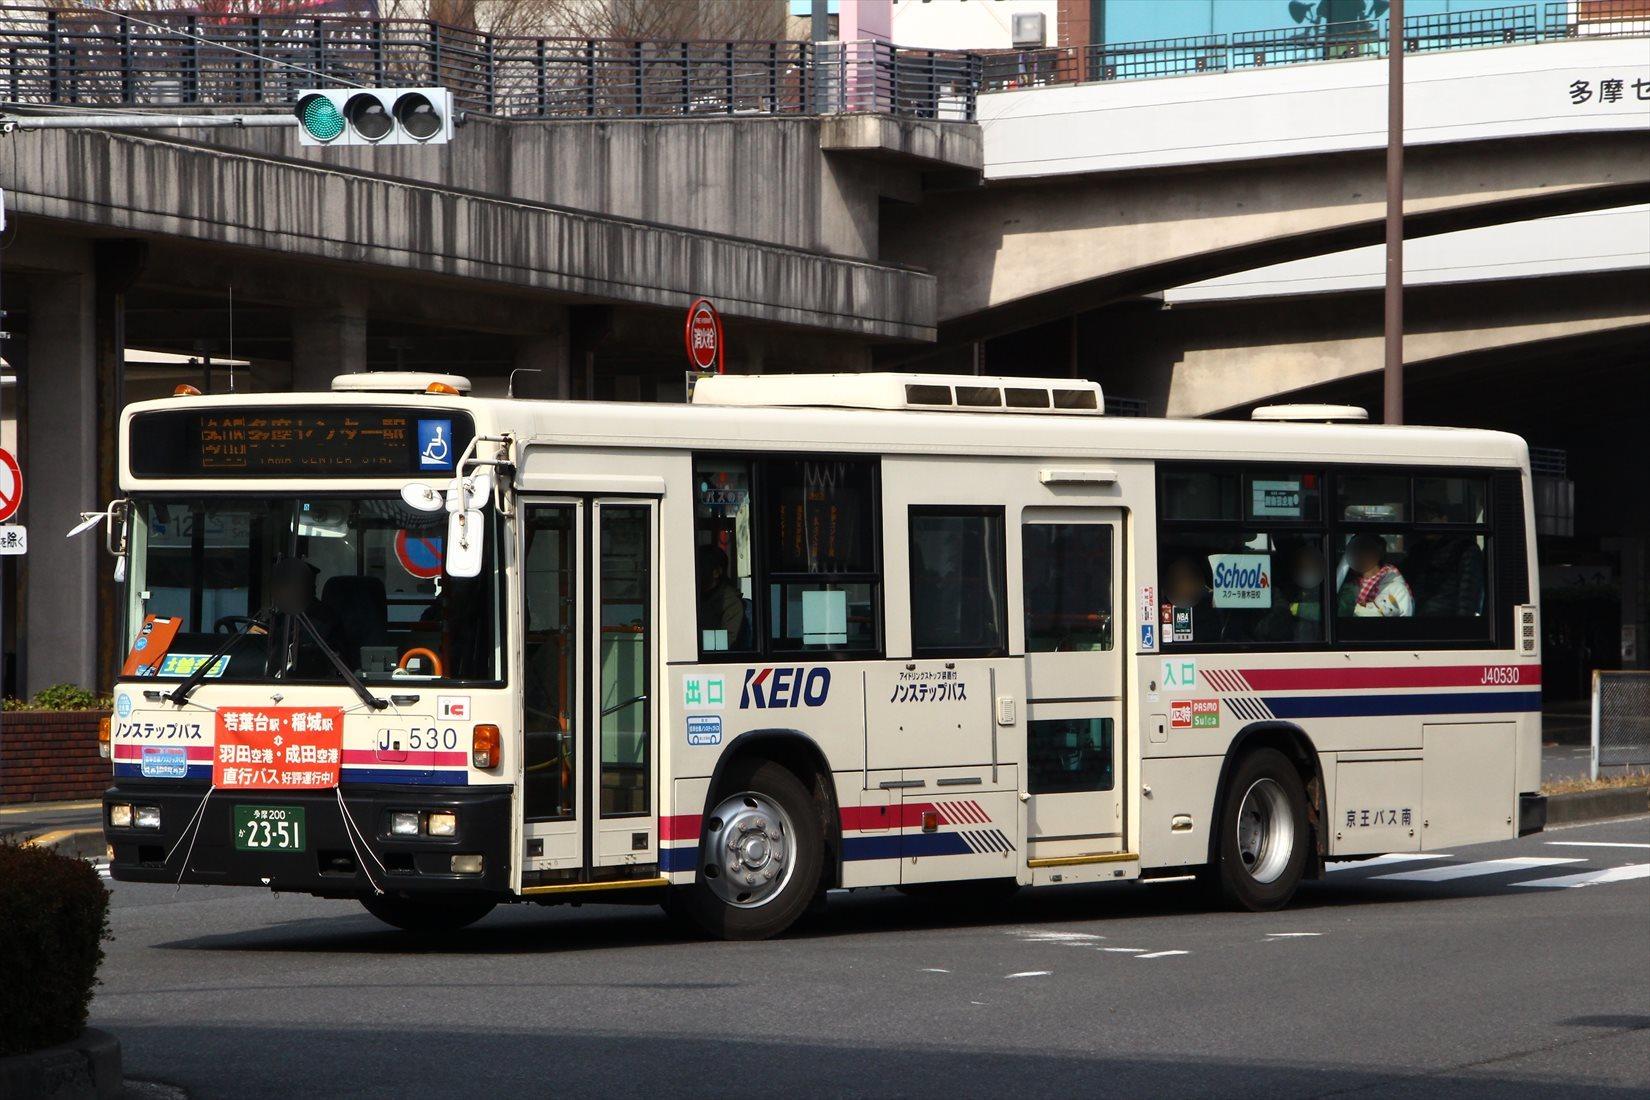 2017.3) 京王バス南・J40530 : ...